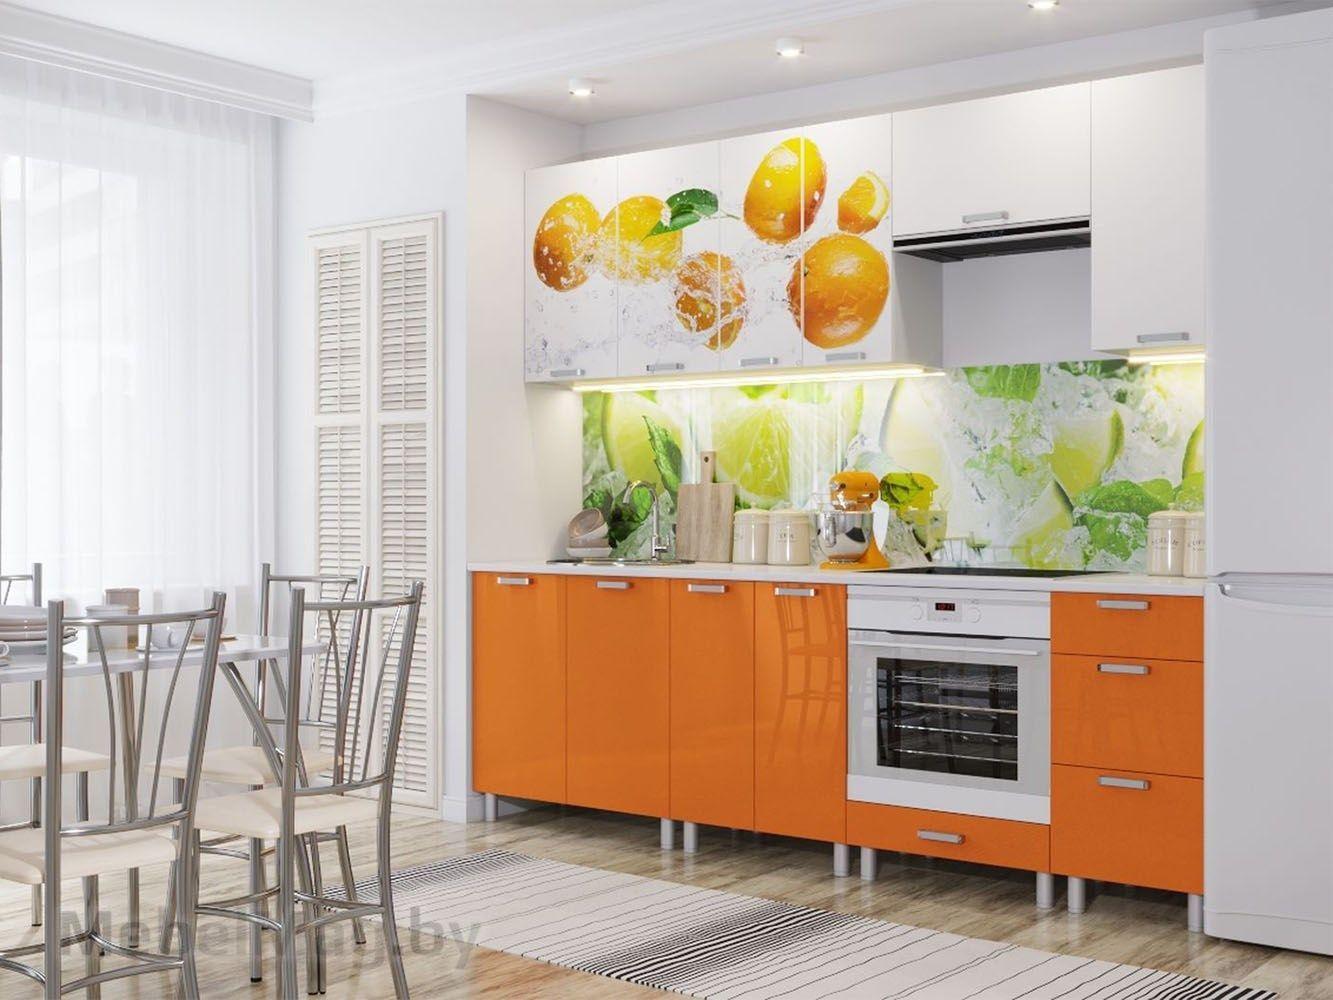 Кухня Модерн - фотопечать Апельсины